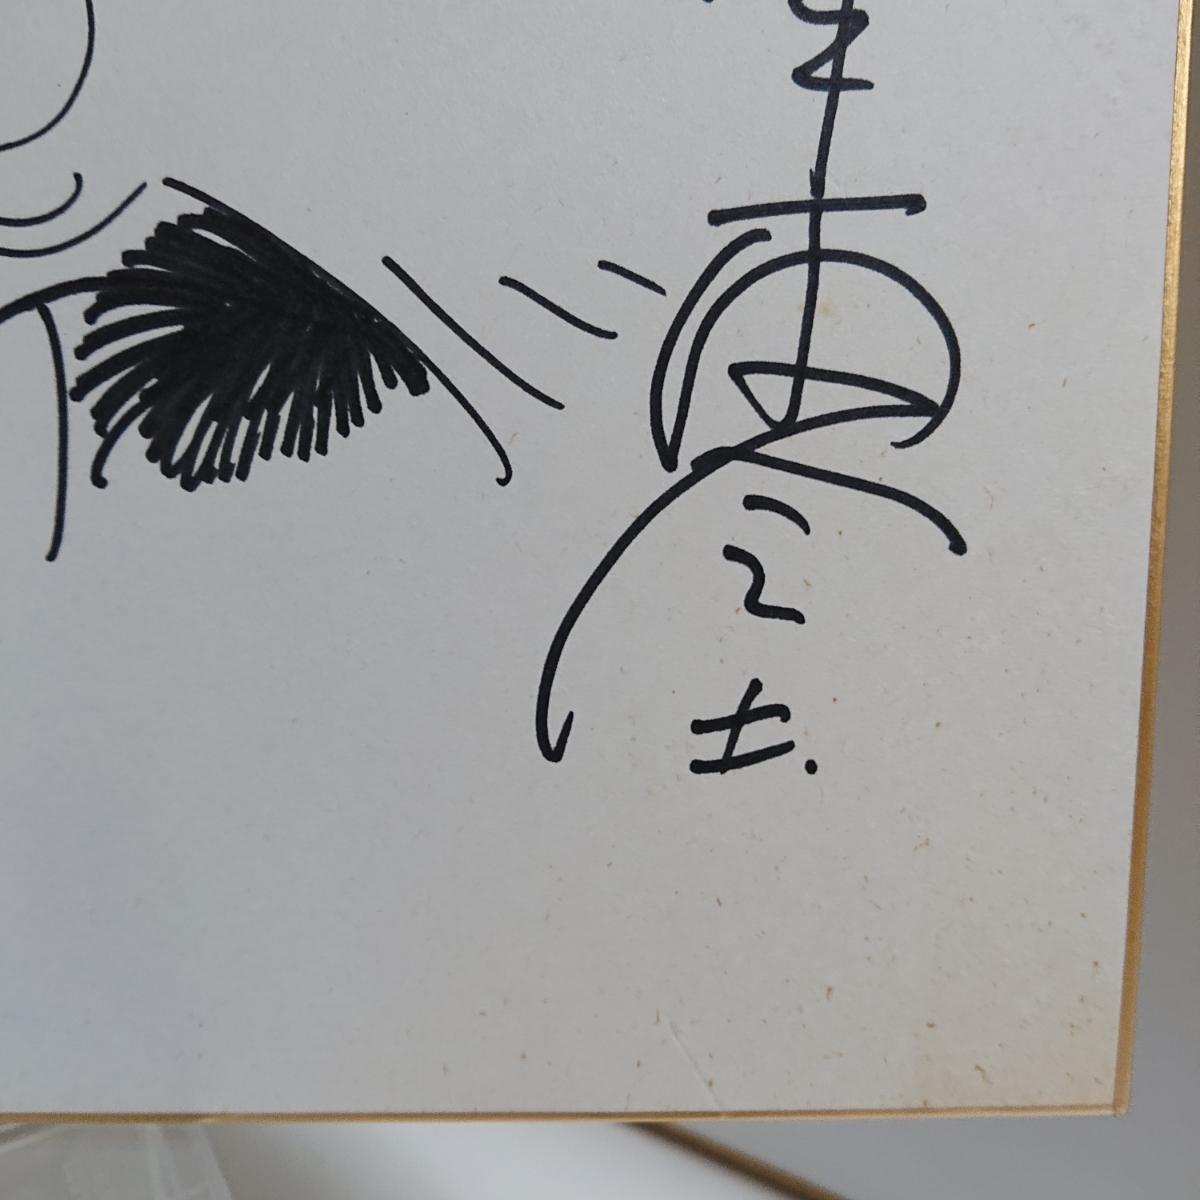 松本零士 イラスト入り サイン 色紙 メーテル 銀河鉄道999 ヤマト ハーロック アルカディア_画像6